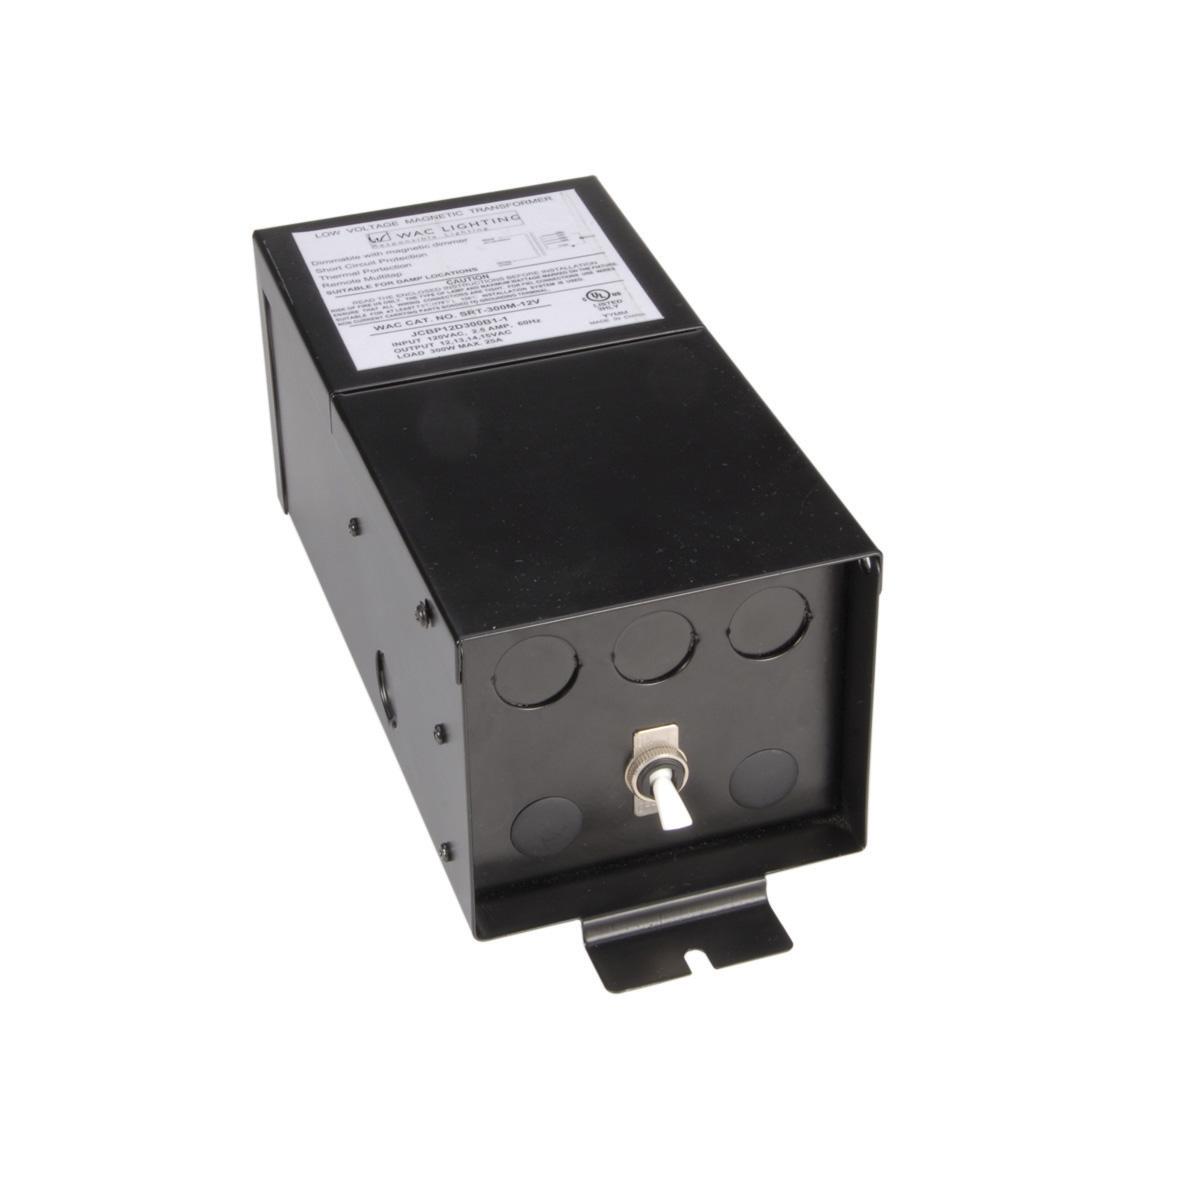 12v-magnetic-transformer-indoor